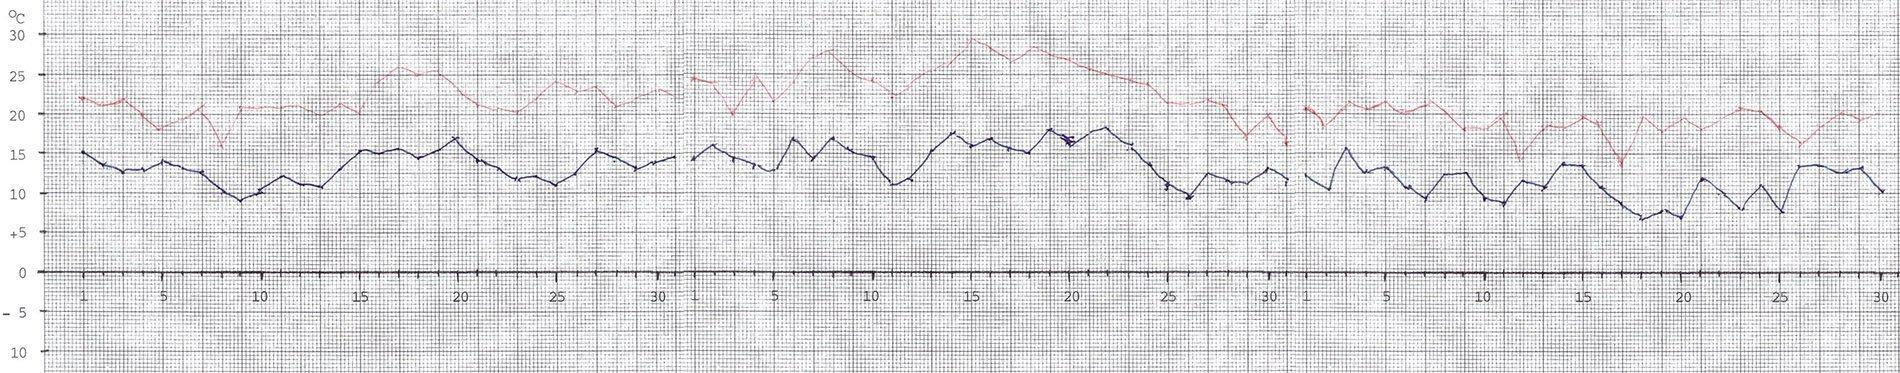 Högsta och lägsta temperaturens variation på Muskö mellan juli och september 2020.